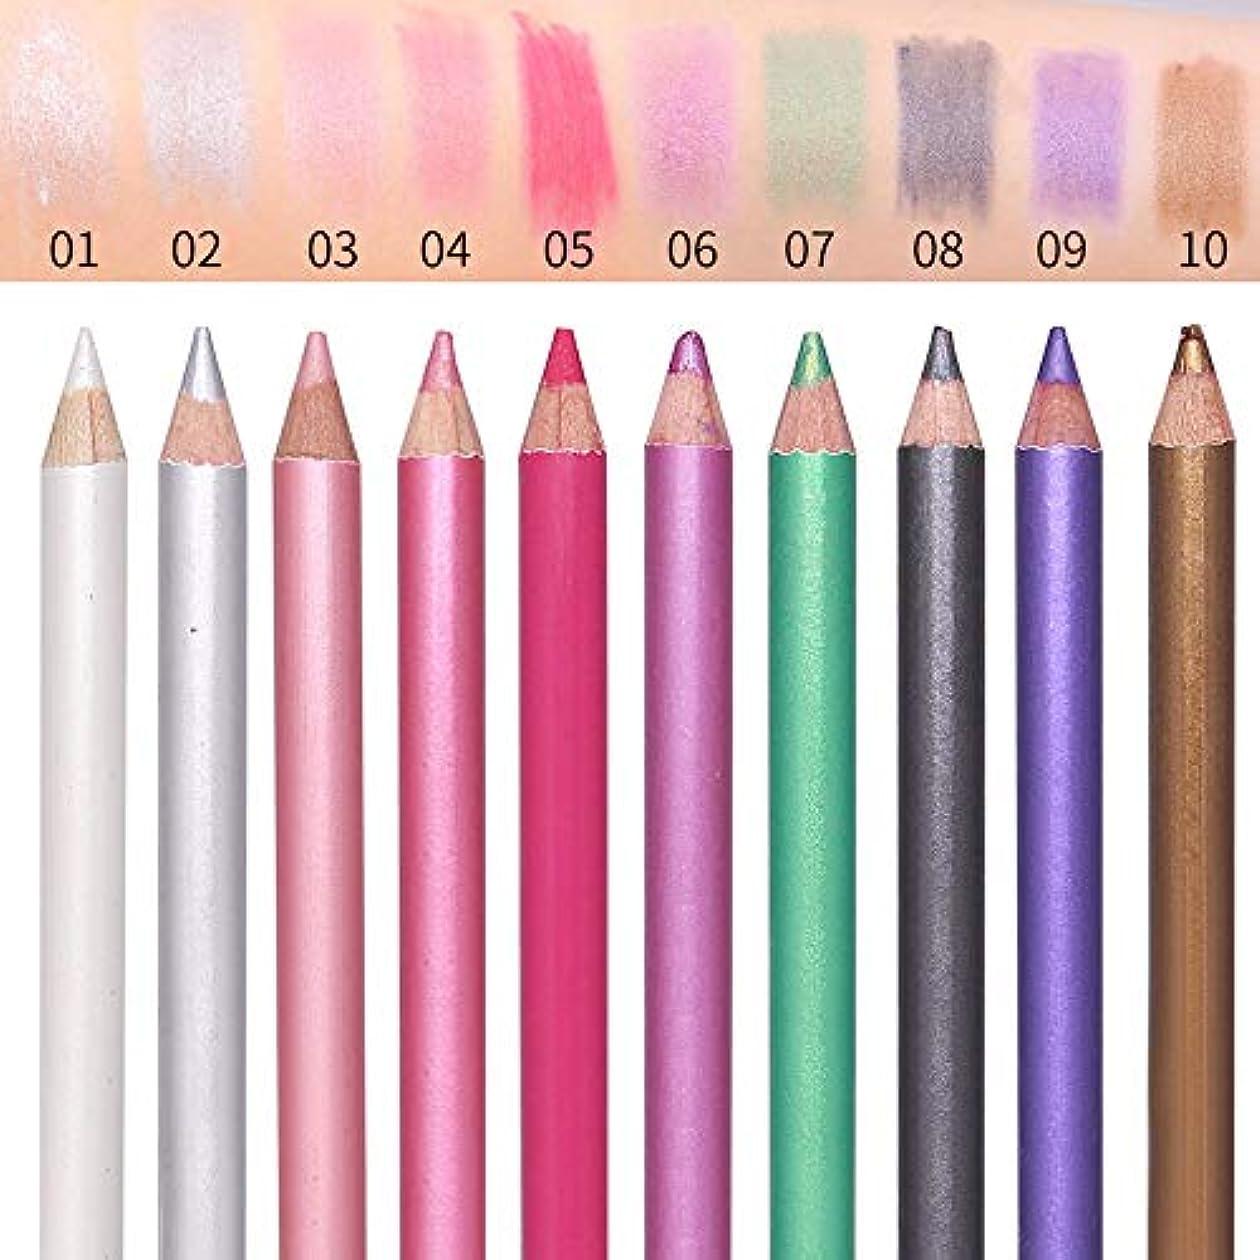 遺産韓国そこから1ピースフェイスアイシャドウペンシルハイライト輪郭ペンスティック防水長続き化粧10色シャドウペンシル付きブレンダー (3)